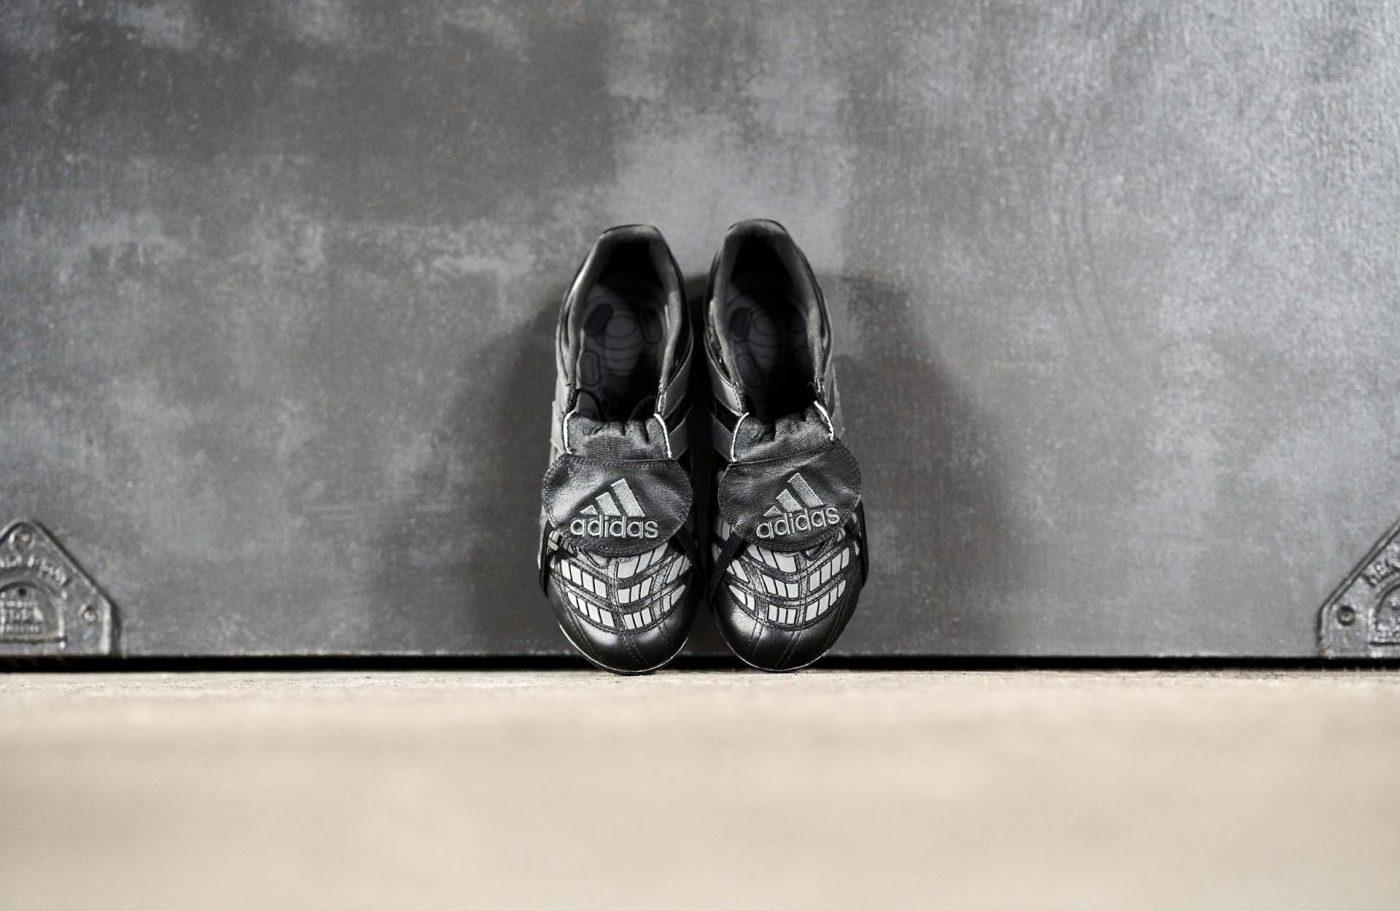 chaussures-foot-adidas-predator-accelerator-blackout-eternal-class-7